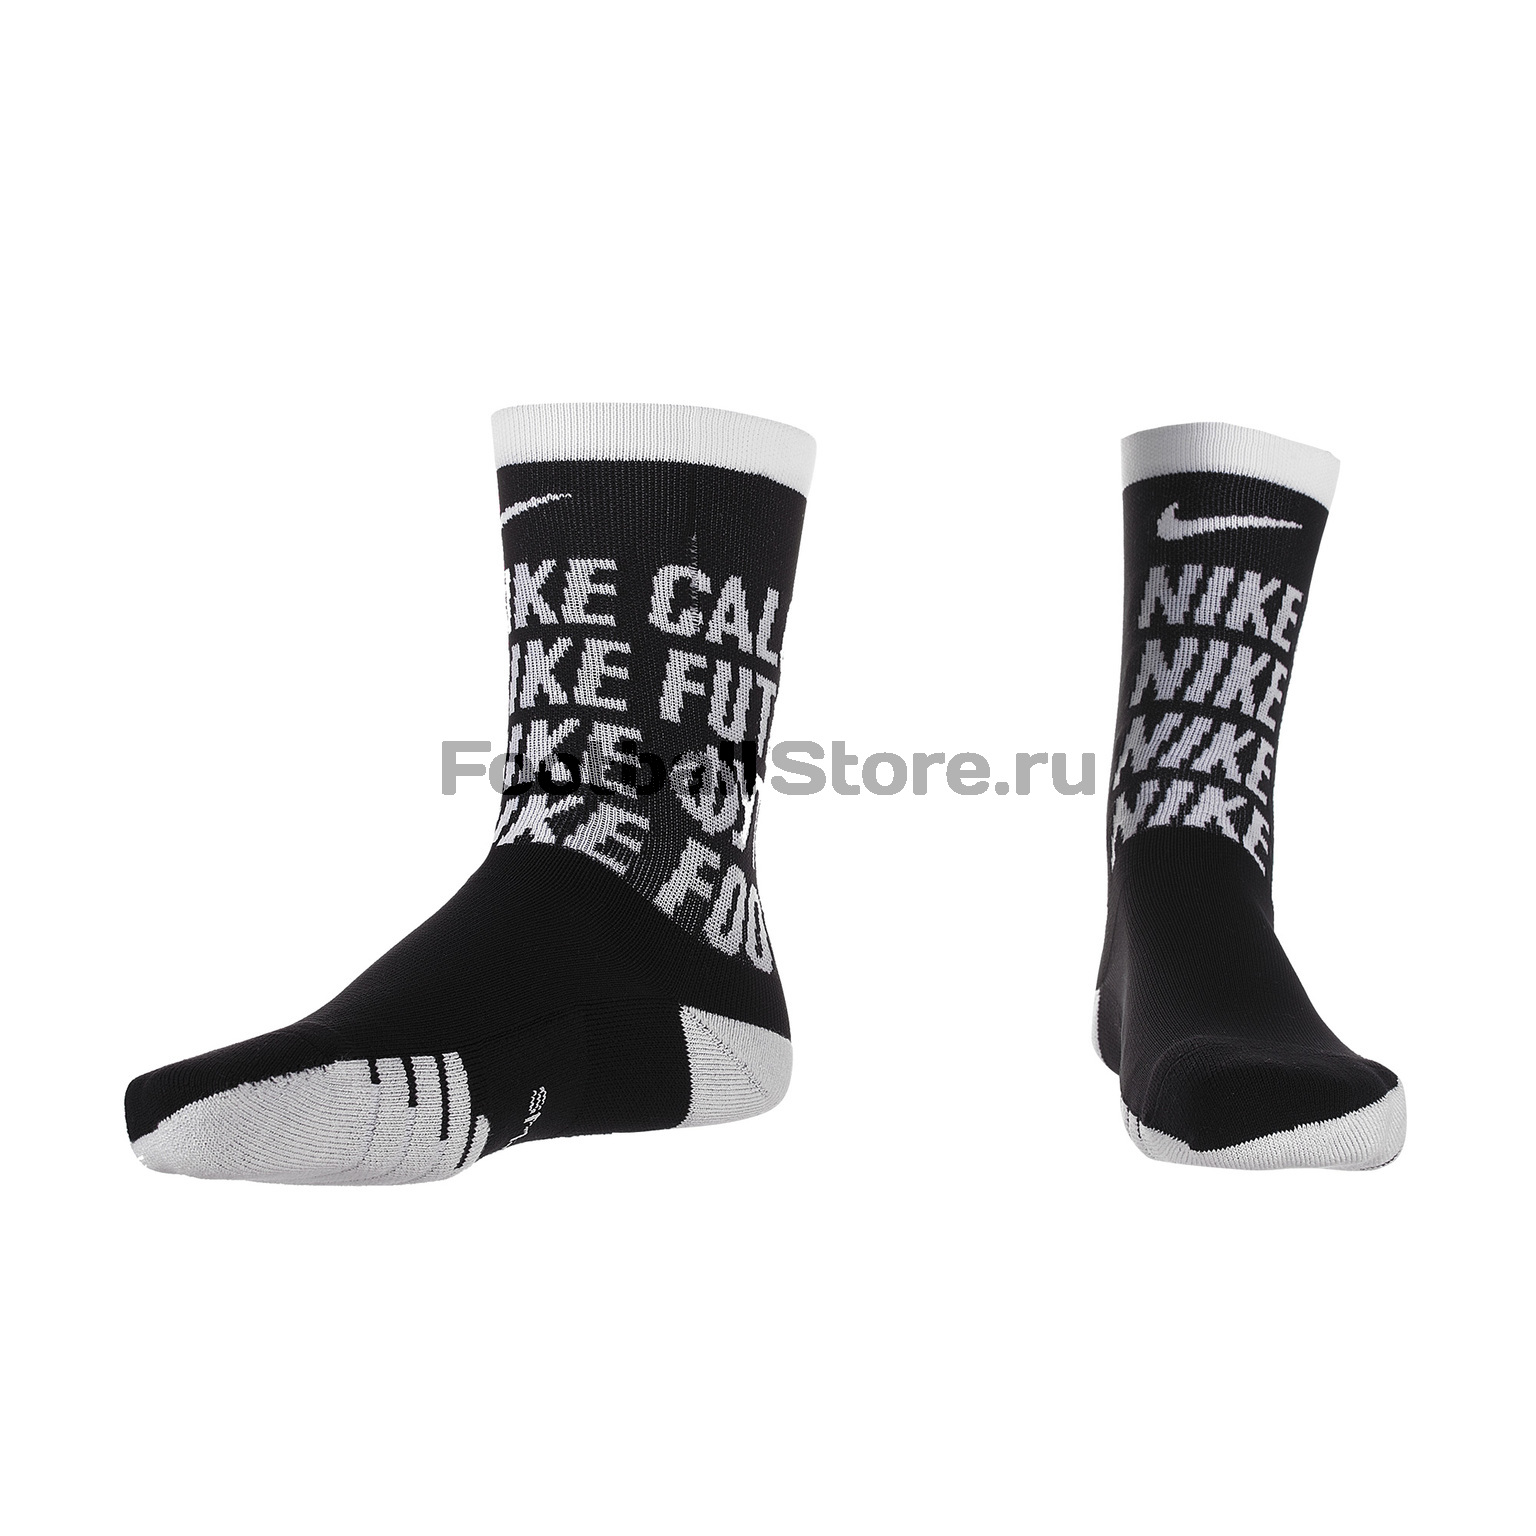 Носки Nike F.C. Squad Crew SX6104-100 цена и фото